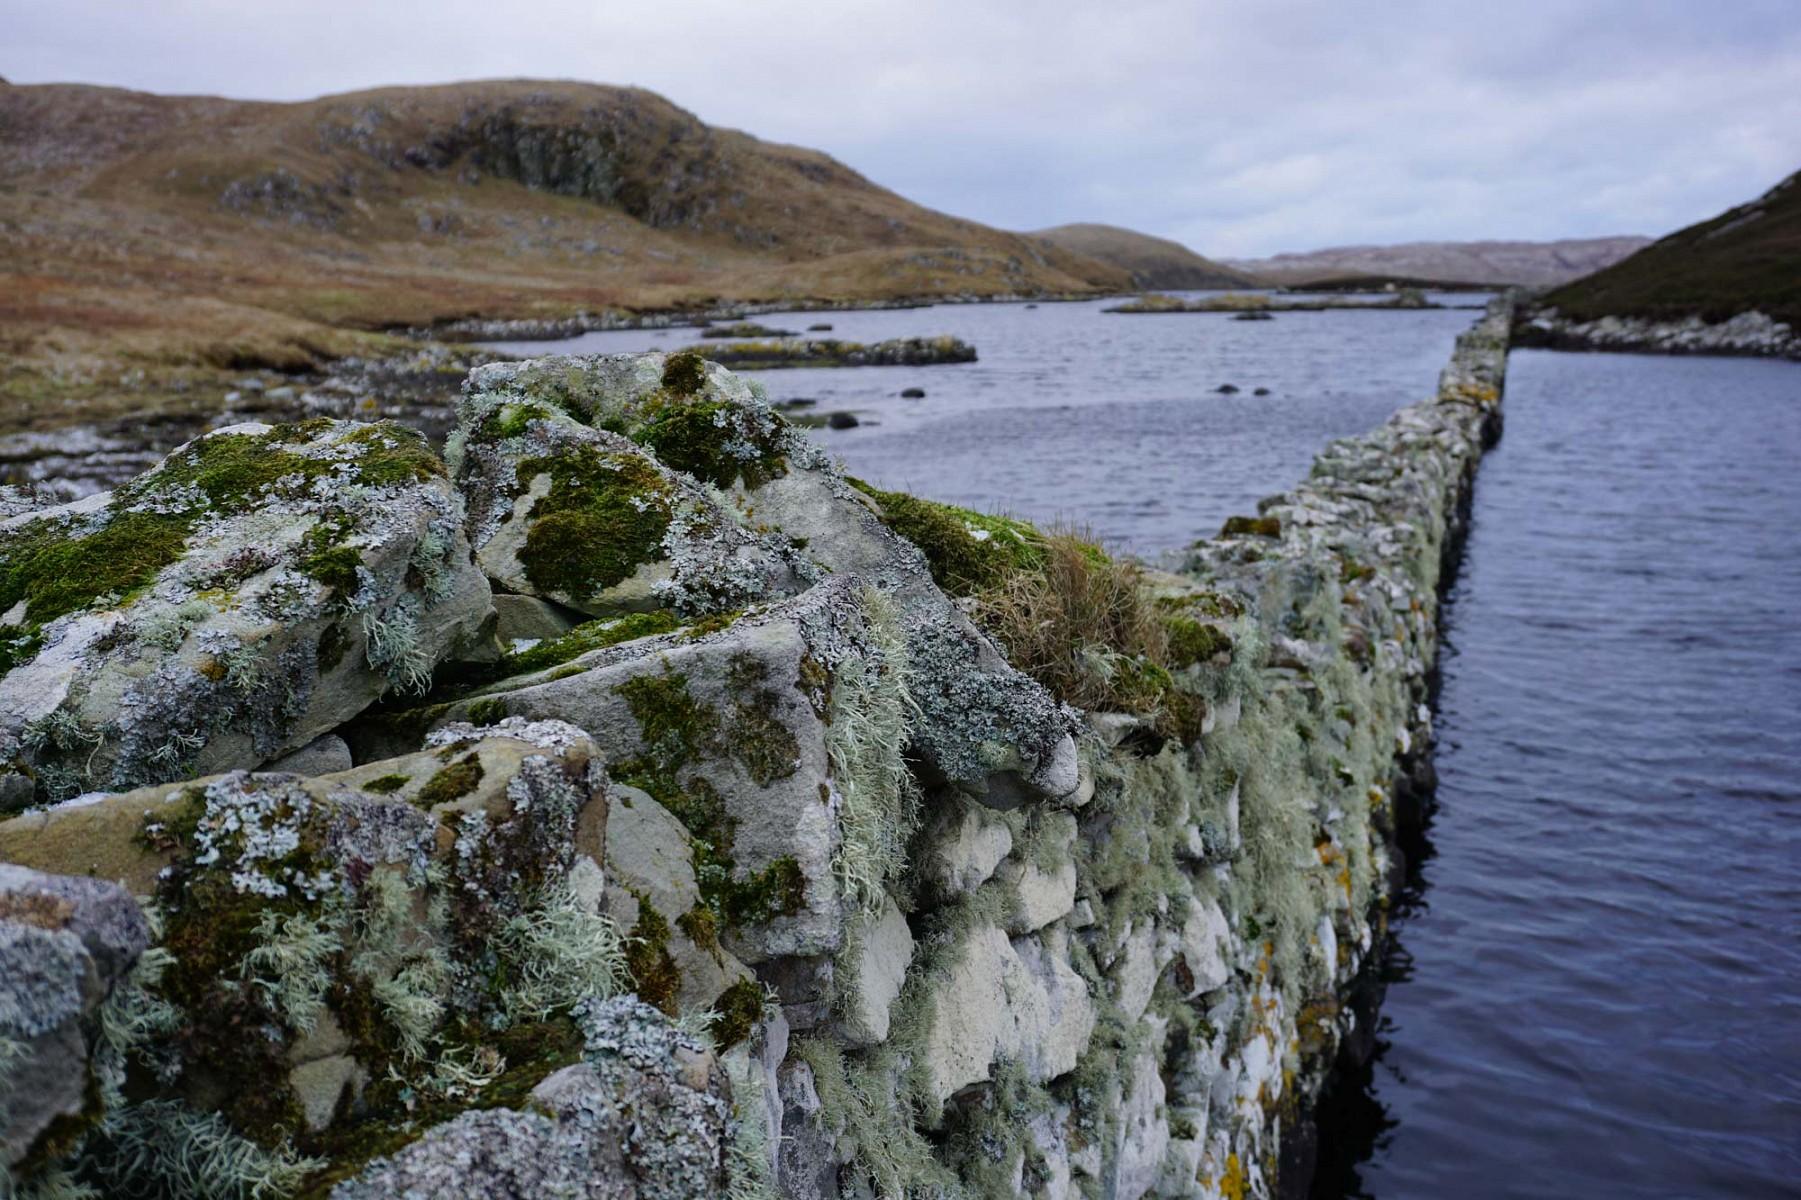 pDie-durch-das-Wasser-fuumlhrenden-Mauern-sind-schoumlne-Fotomotivenbspp